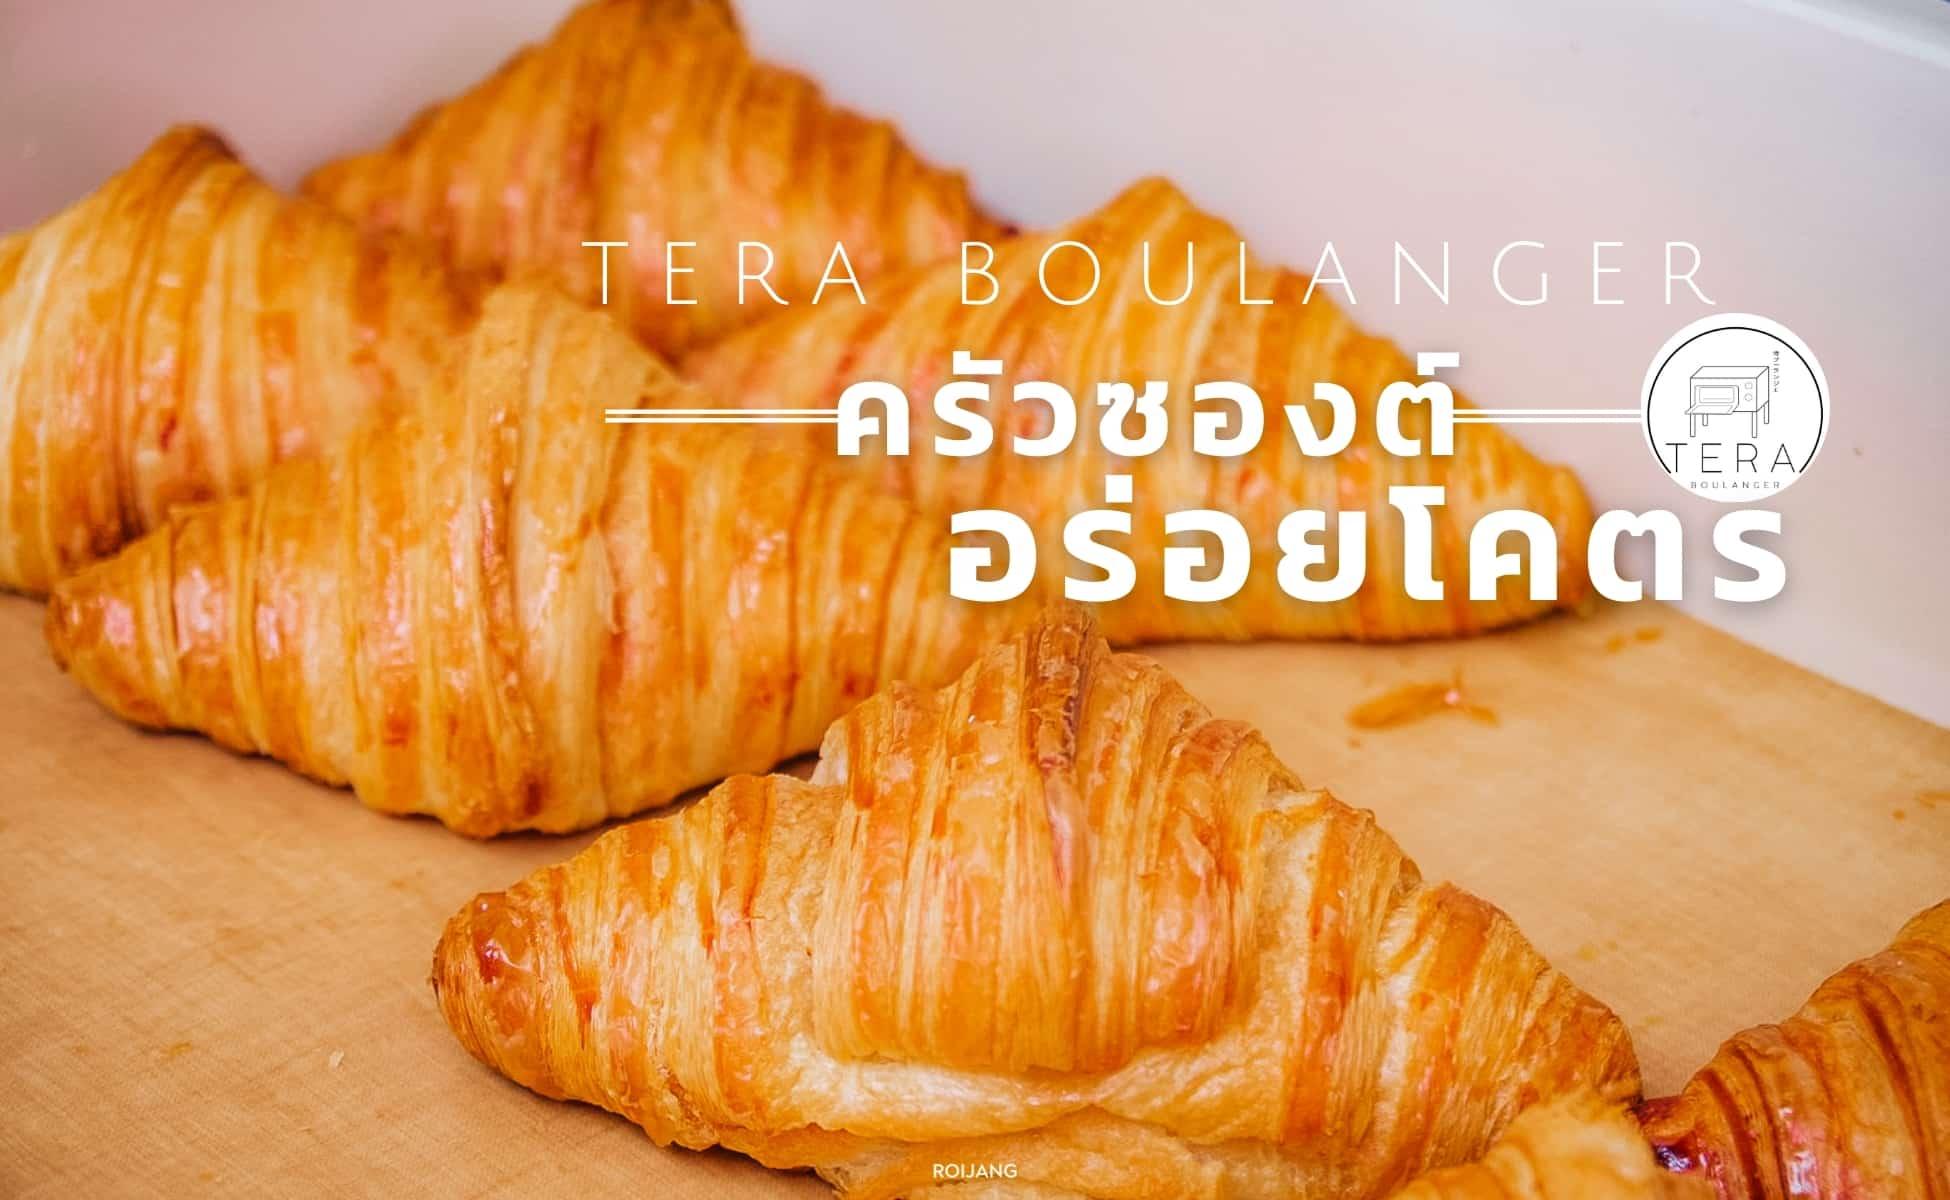 รีวิว ครัวซองต์ ร้าน Tera.boulanger ภูเก็ต